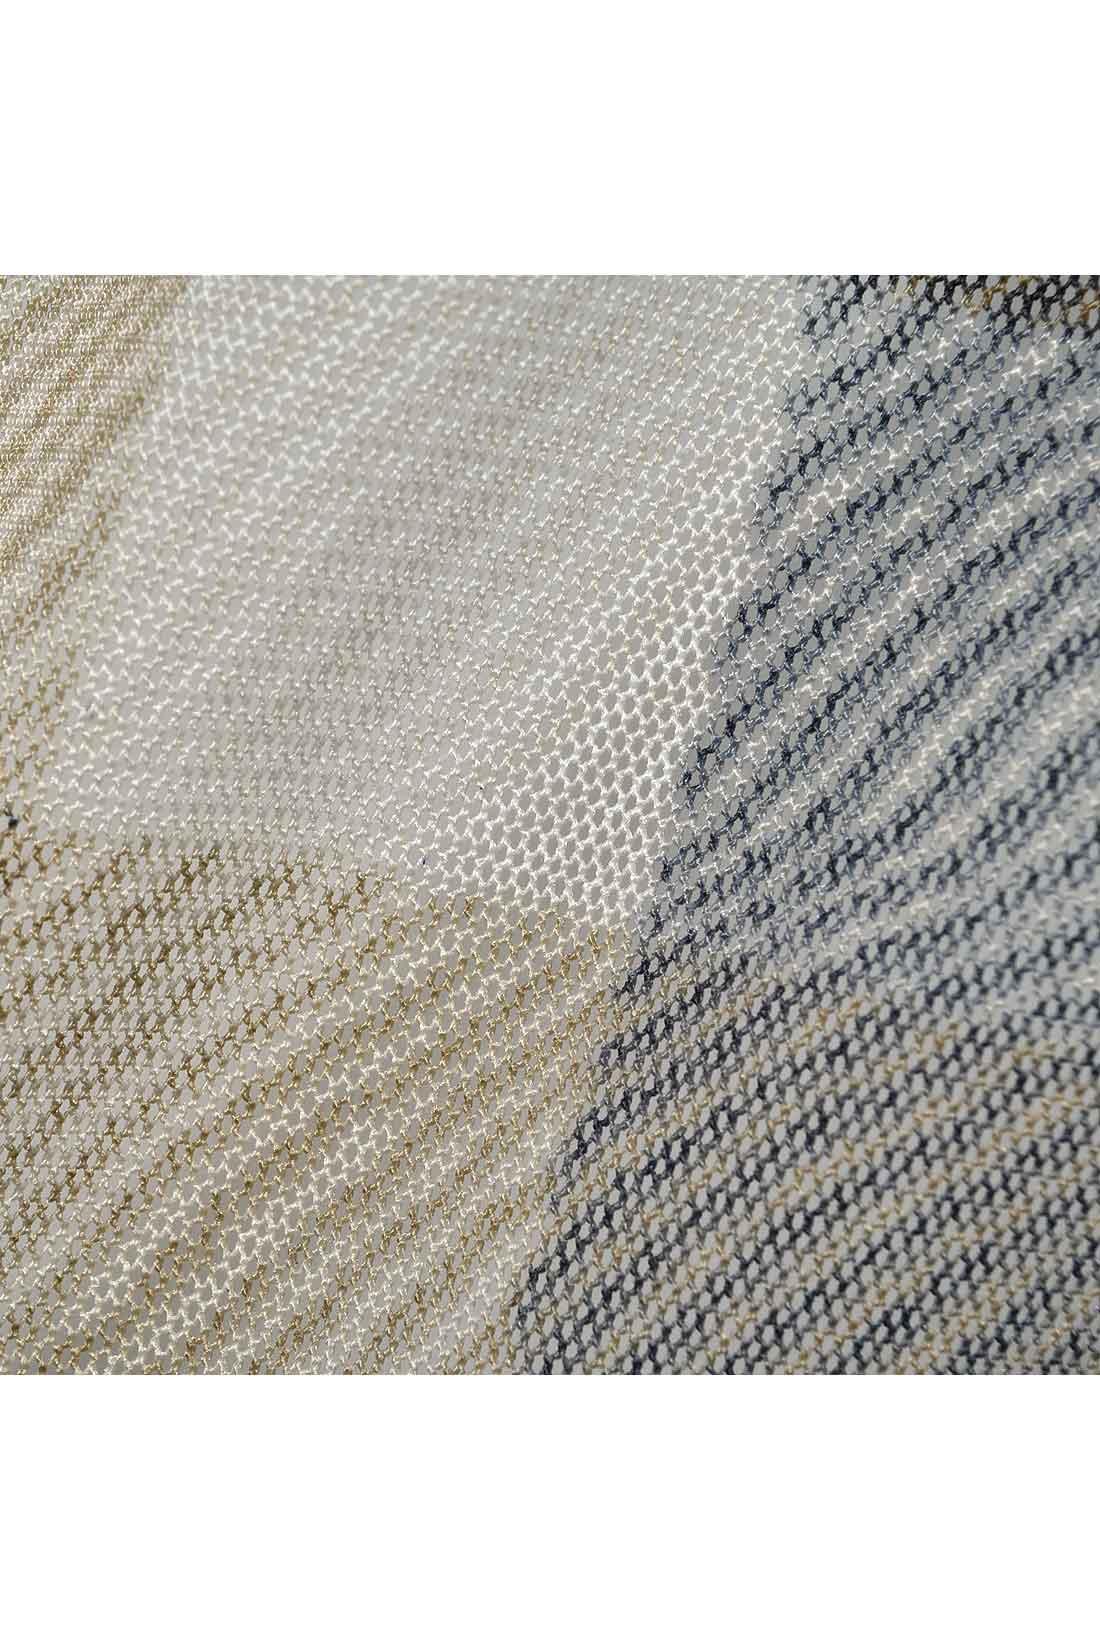 【チュールの透け感が◎。】 チェックの部分は、商品写真ではわかりにくいのですが、こんな感じにメッシュ状になっています。透けるから動くたびに表情が変わるの。